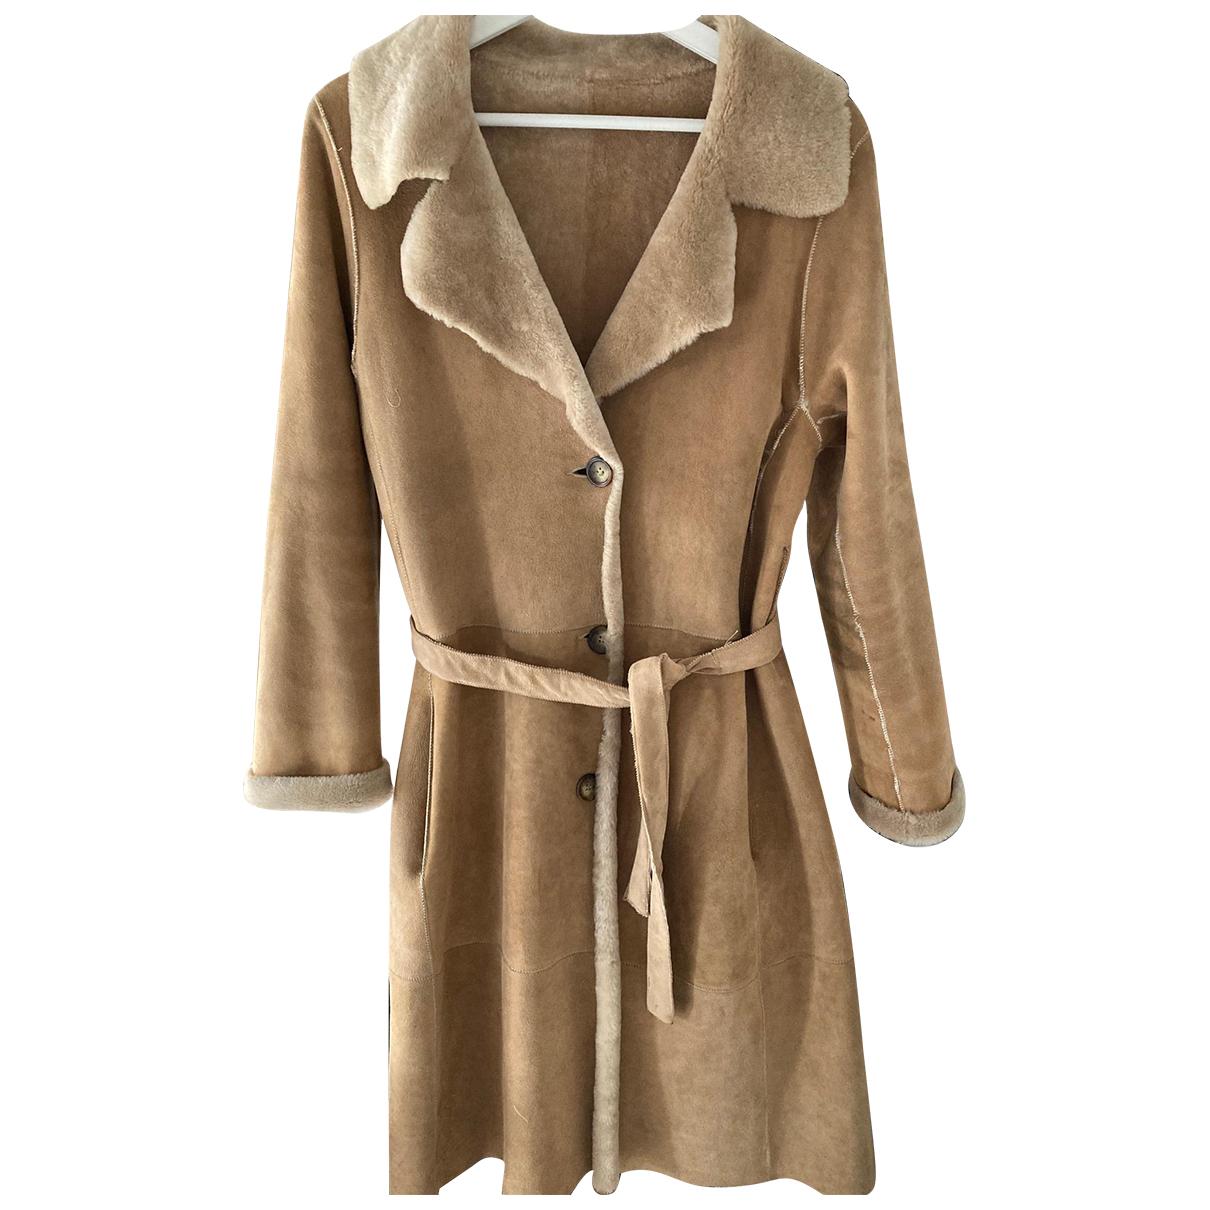 Shearling - Manteau   pour femme en fourrure - beige